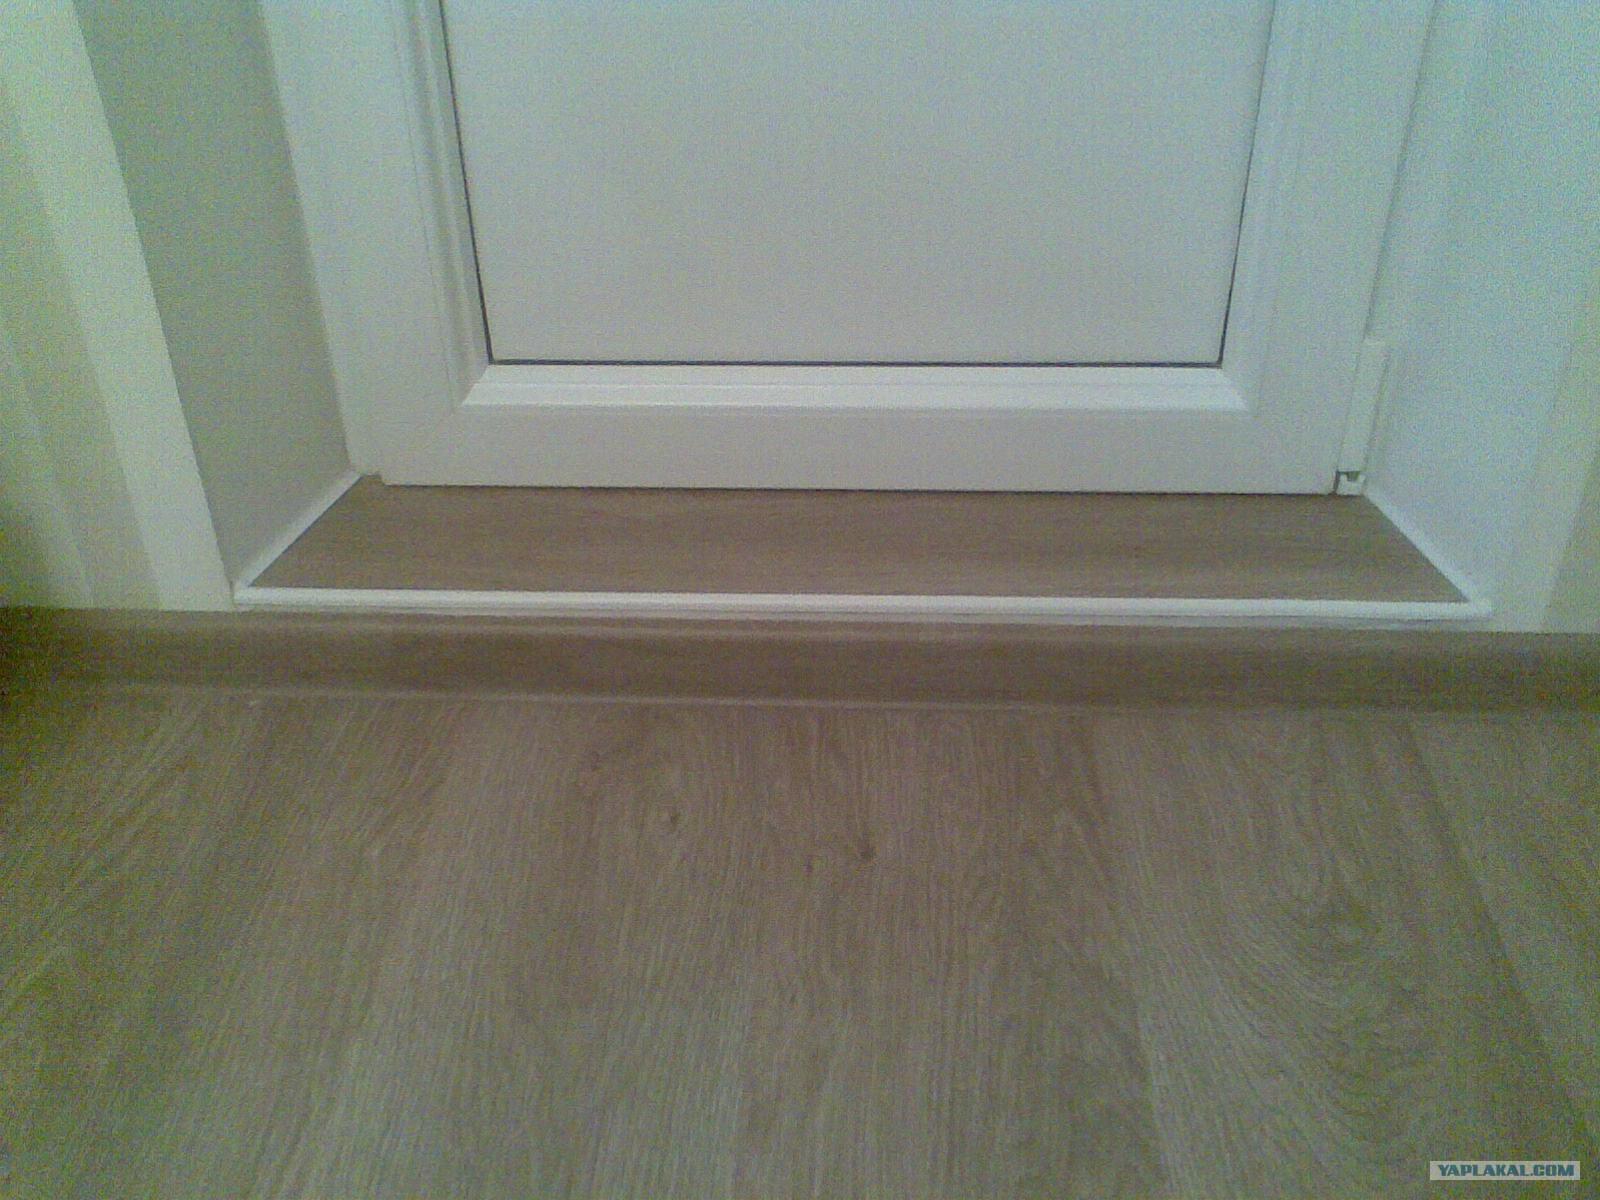 Порог для балконной двери видео